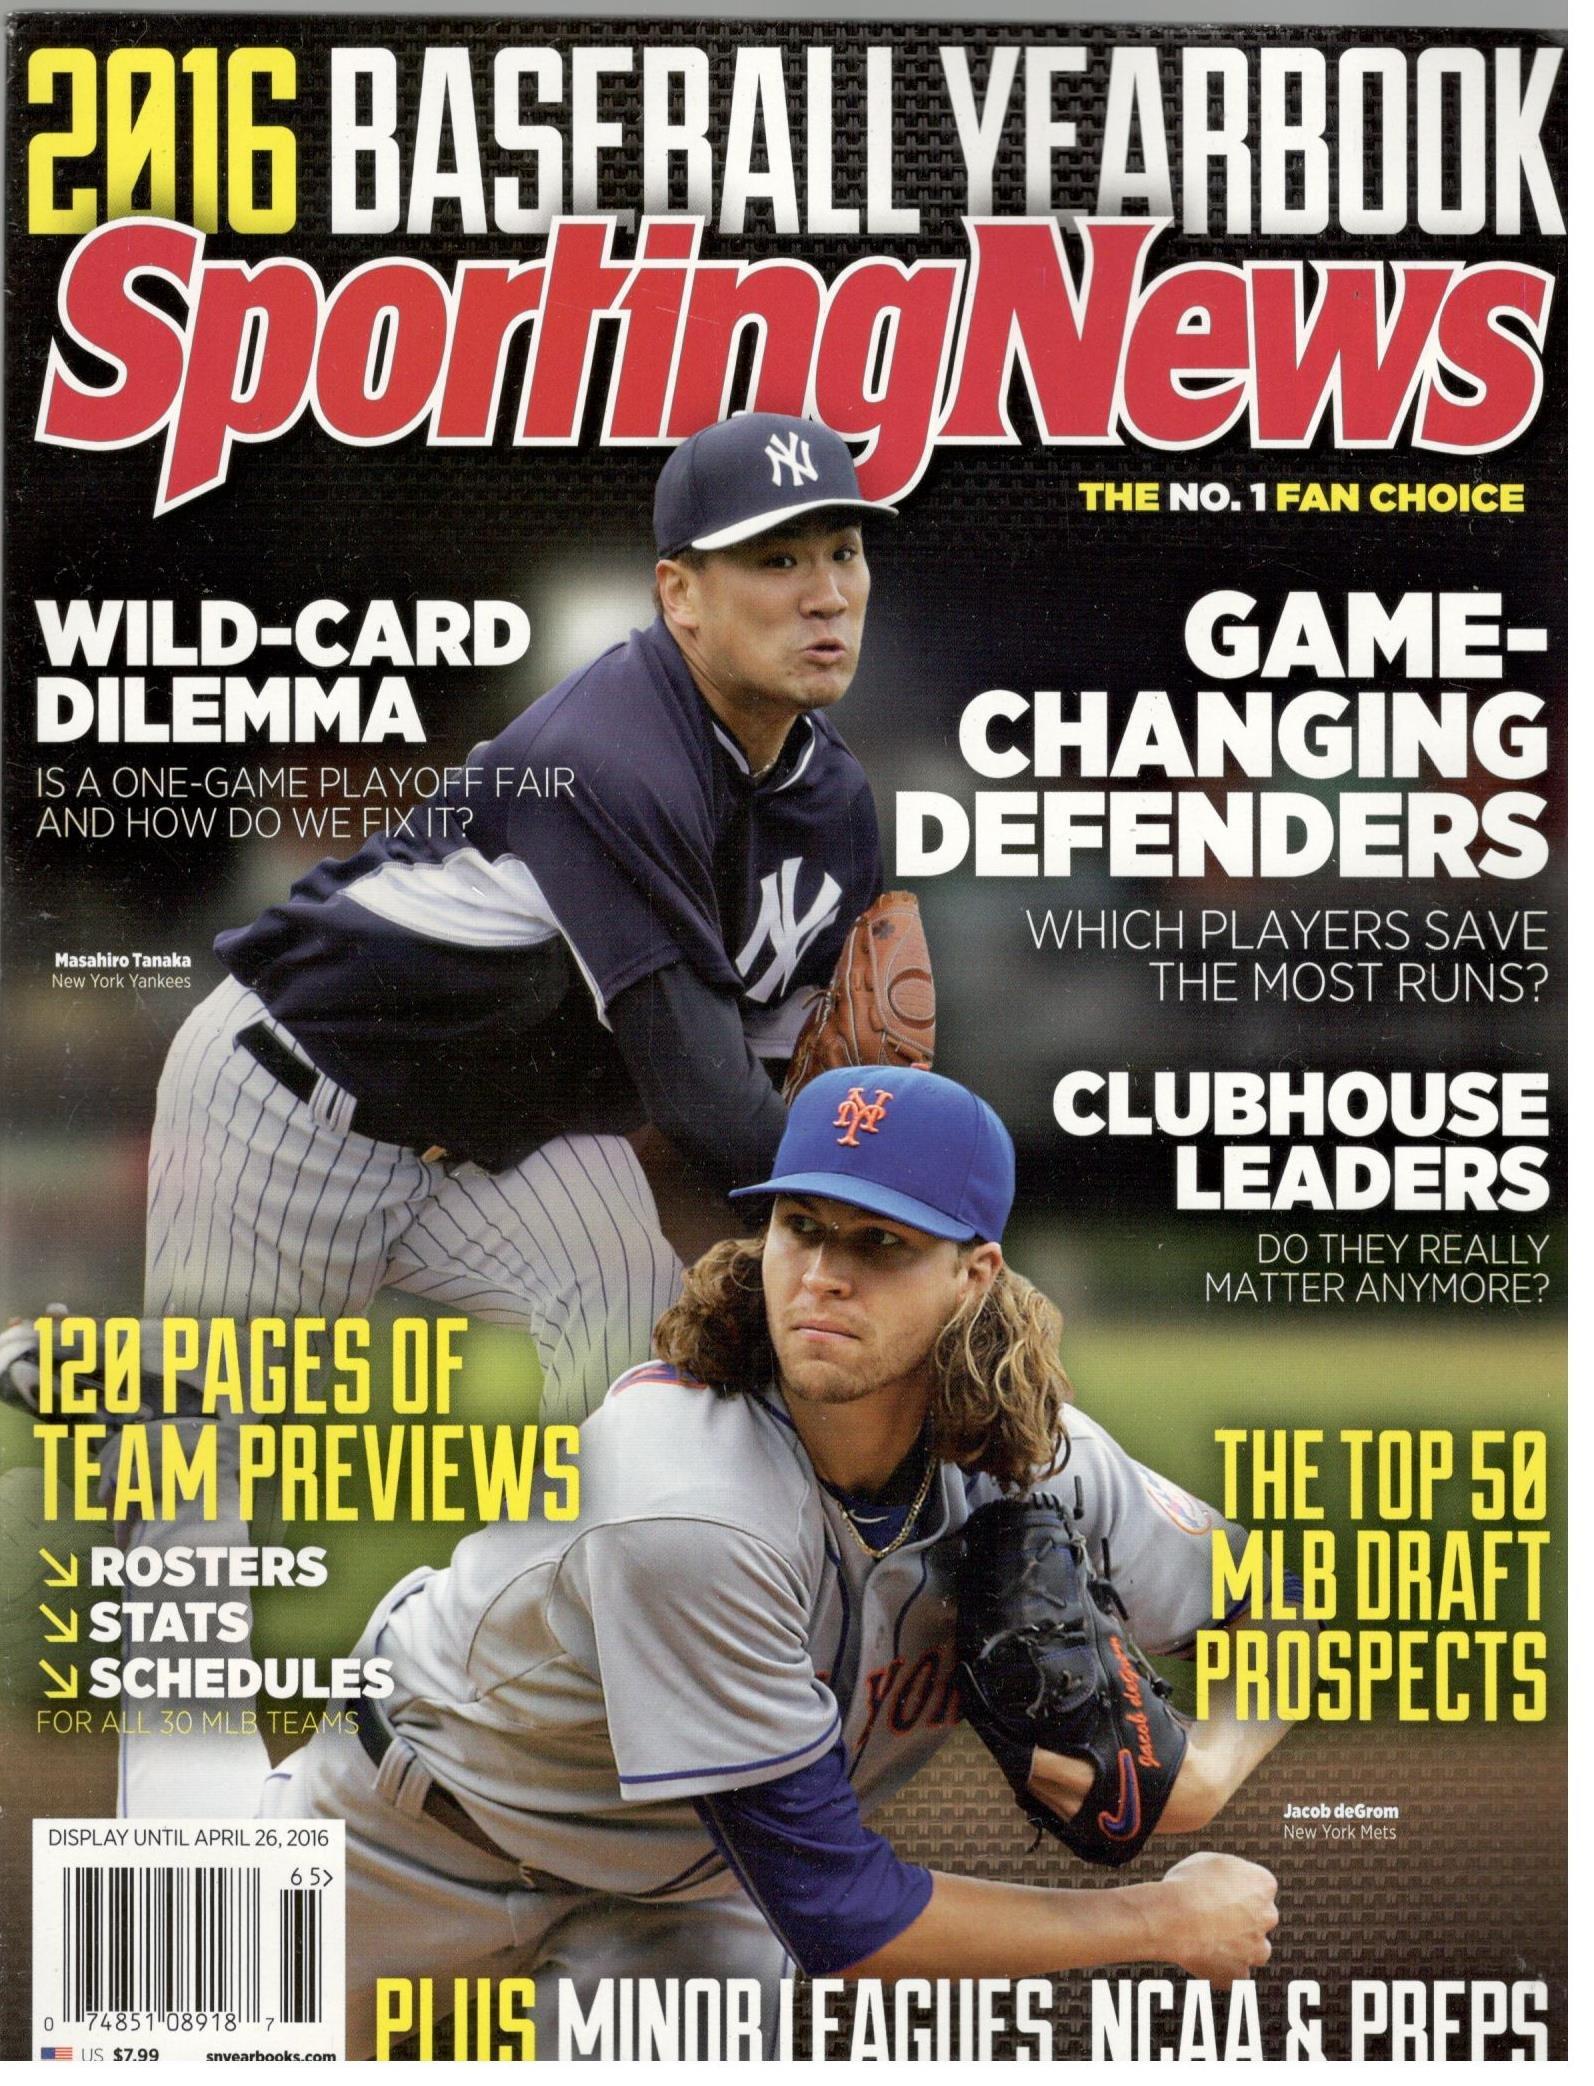 Sporting News 2016 Baseball Yearbook (Yankees/Mets Cover) ebook